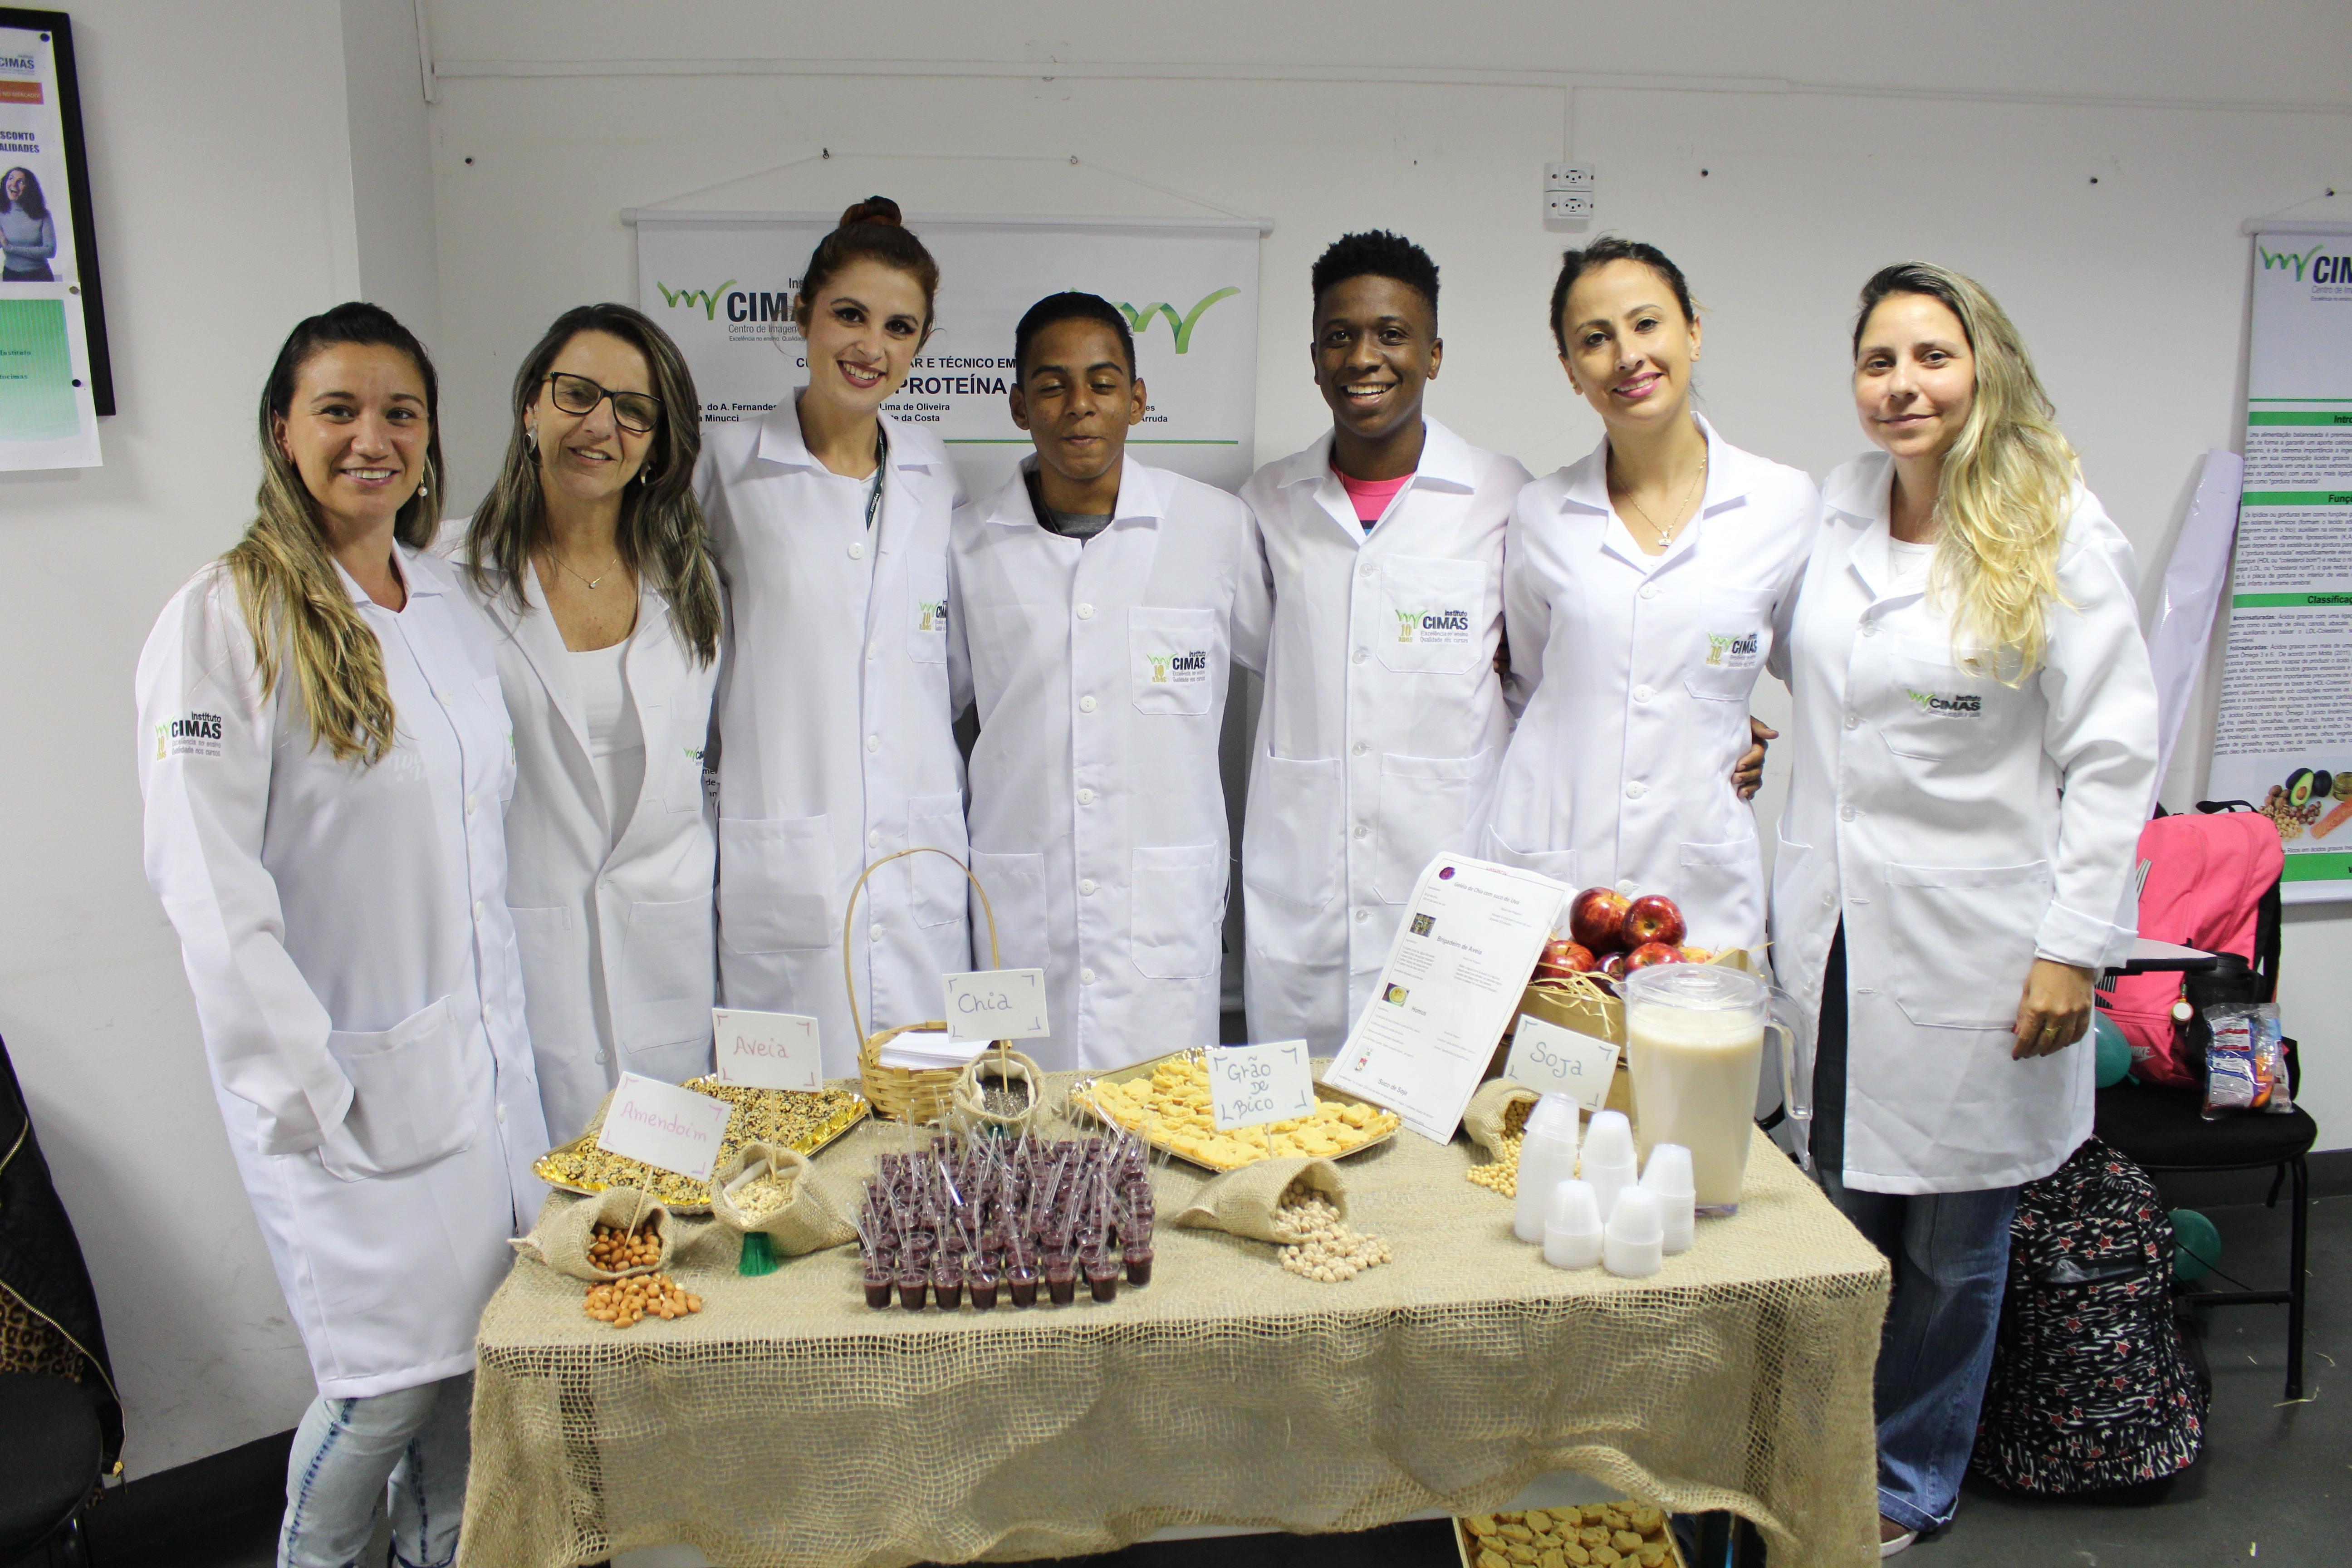 - Feira de Nutrição realizada pelos alunos do Cimas